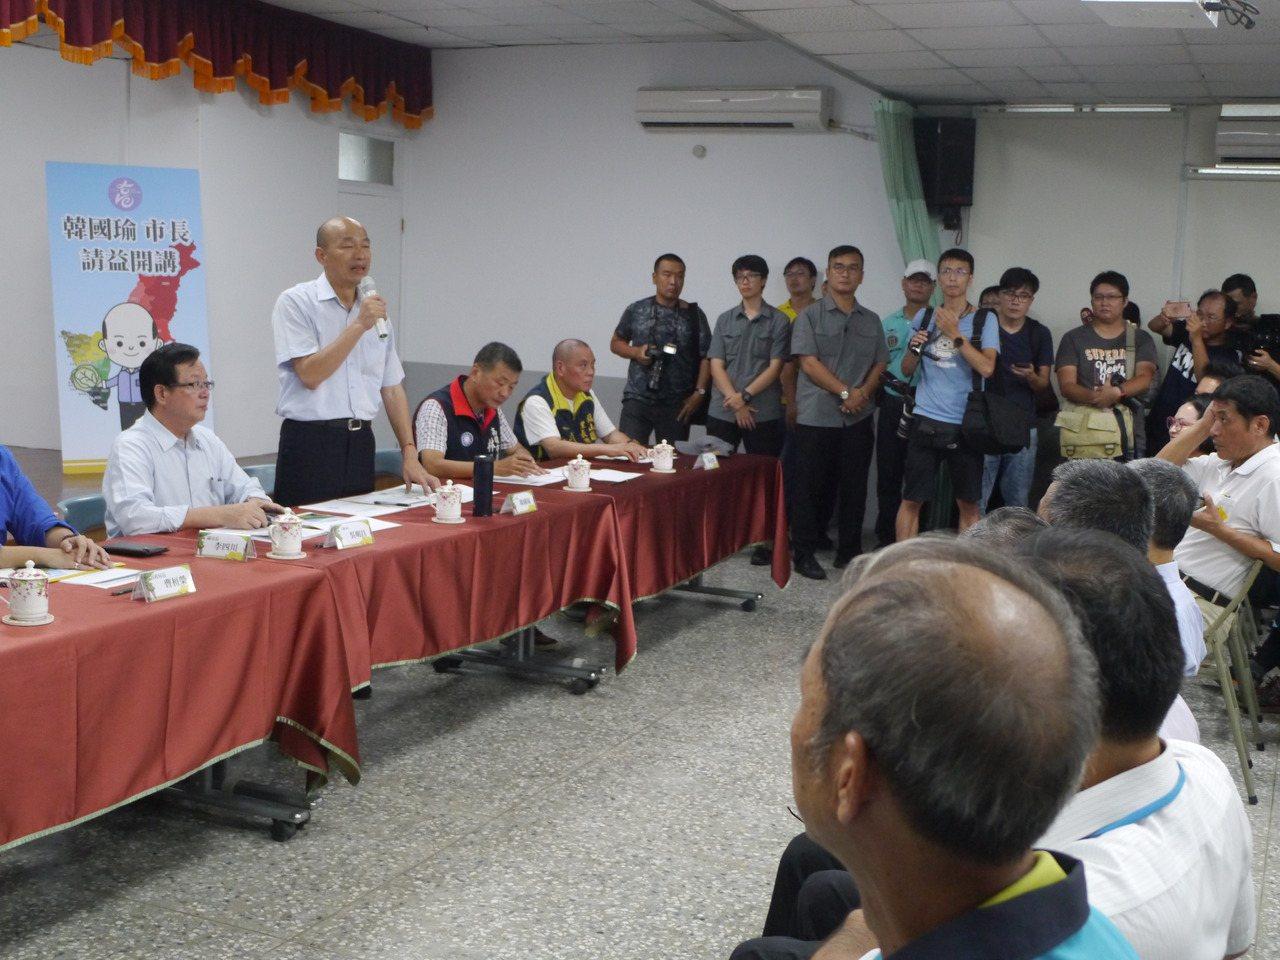 高雄市政請益之旅持續進行,第二站來到旗山區公所與市民座談。記者徐白櫻/攝影